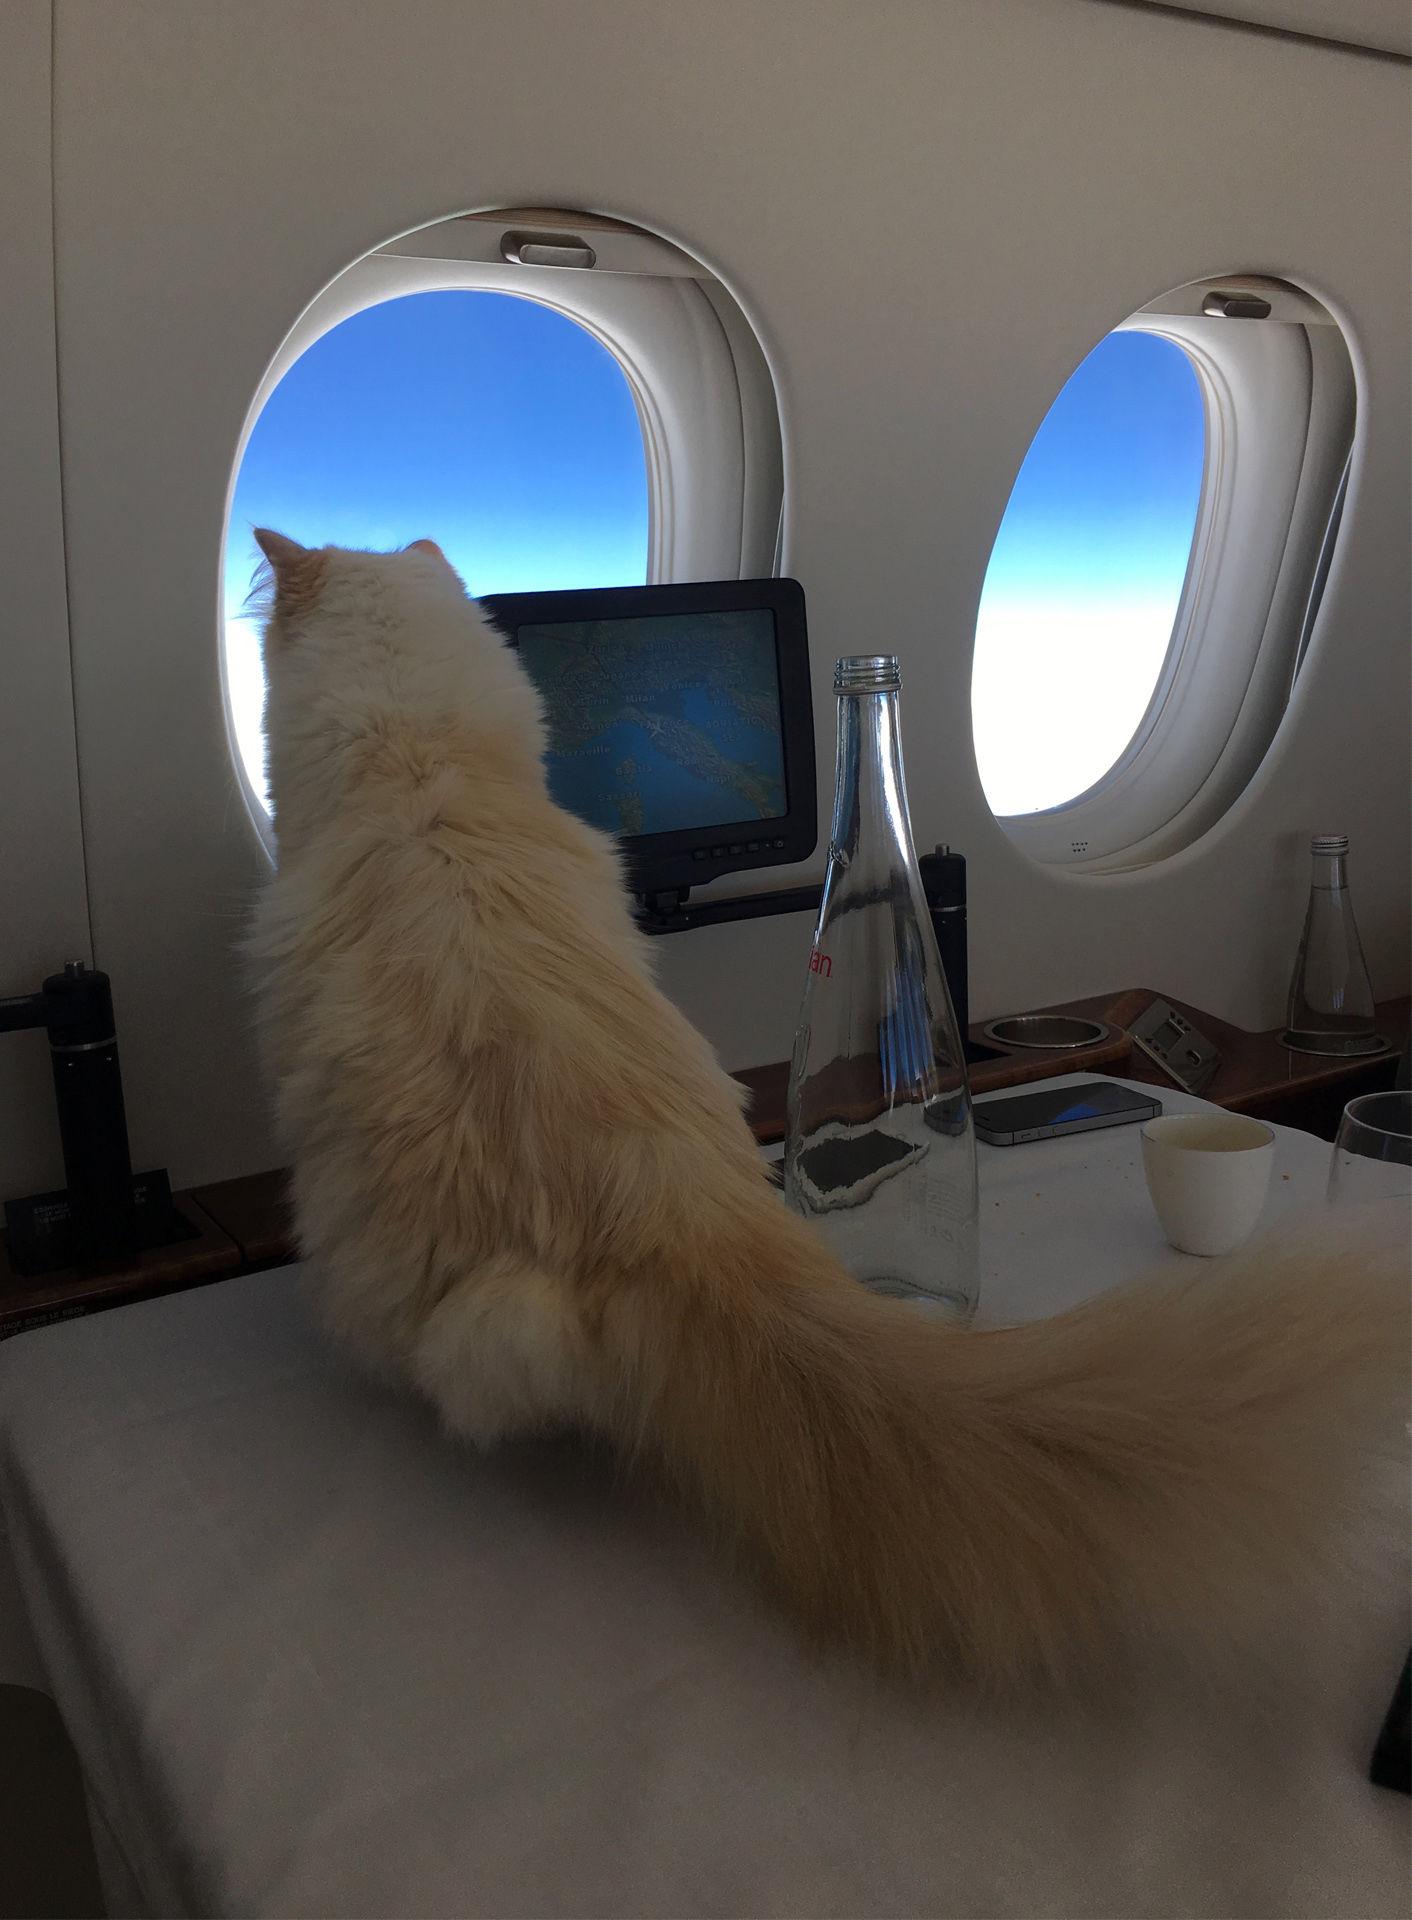 mèo sành điệu nhất Instagram - mèo choupette bay cùng karl lagerfeld